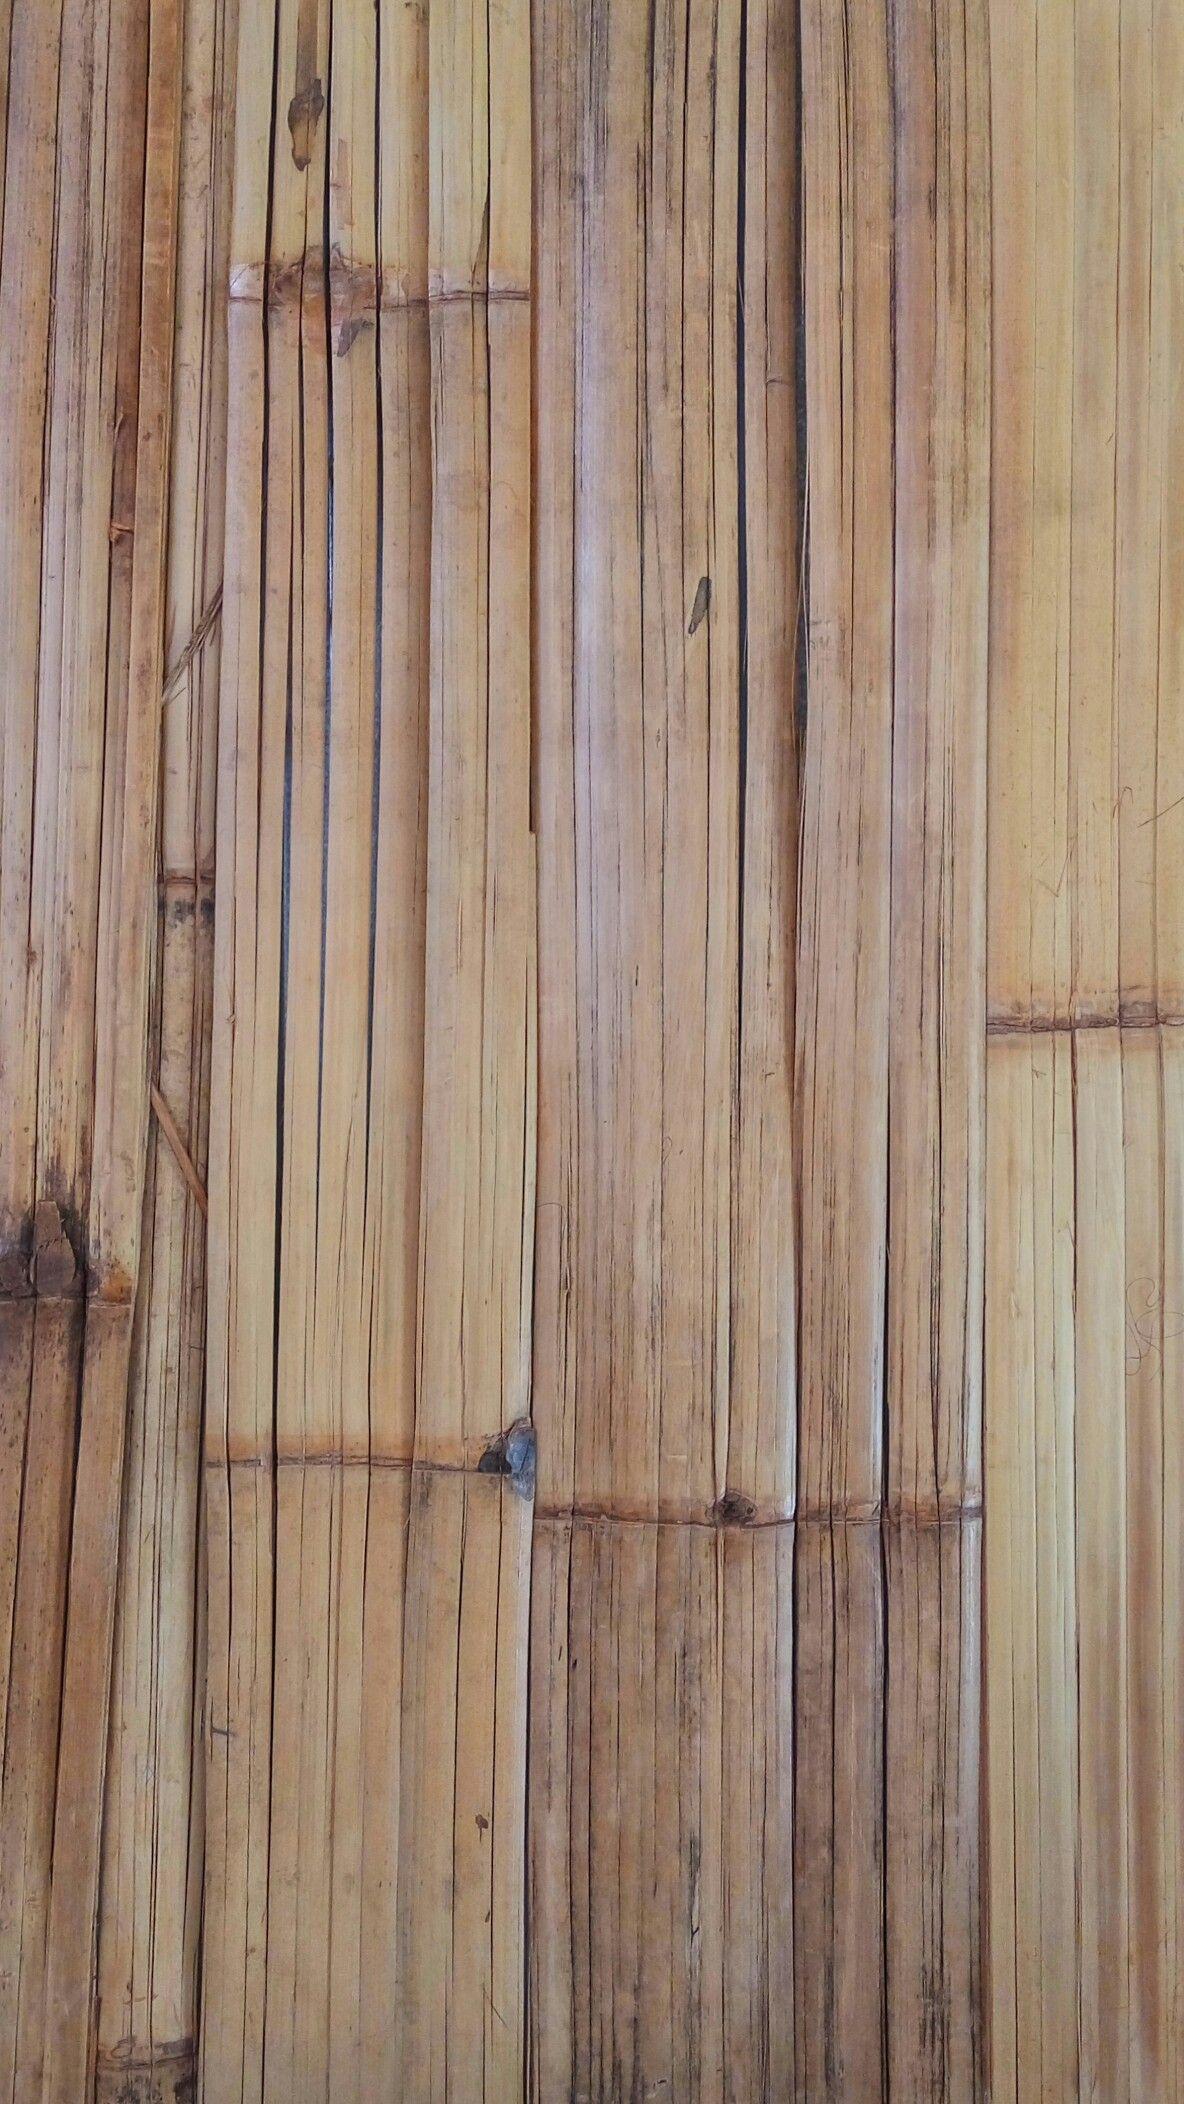 Pin Di Bamboo